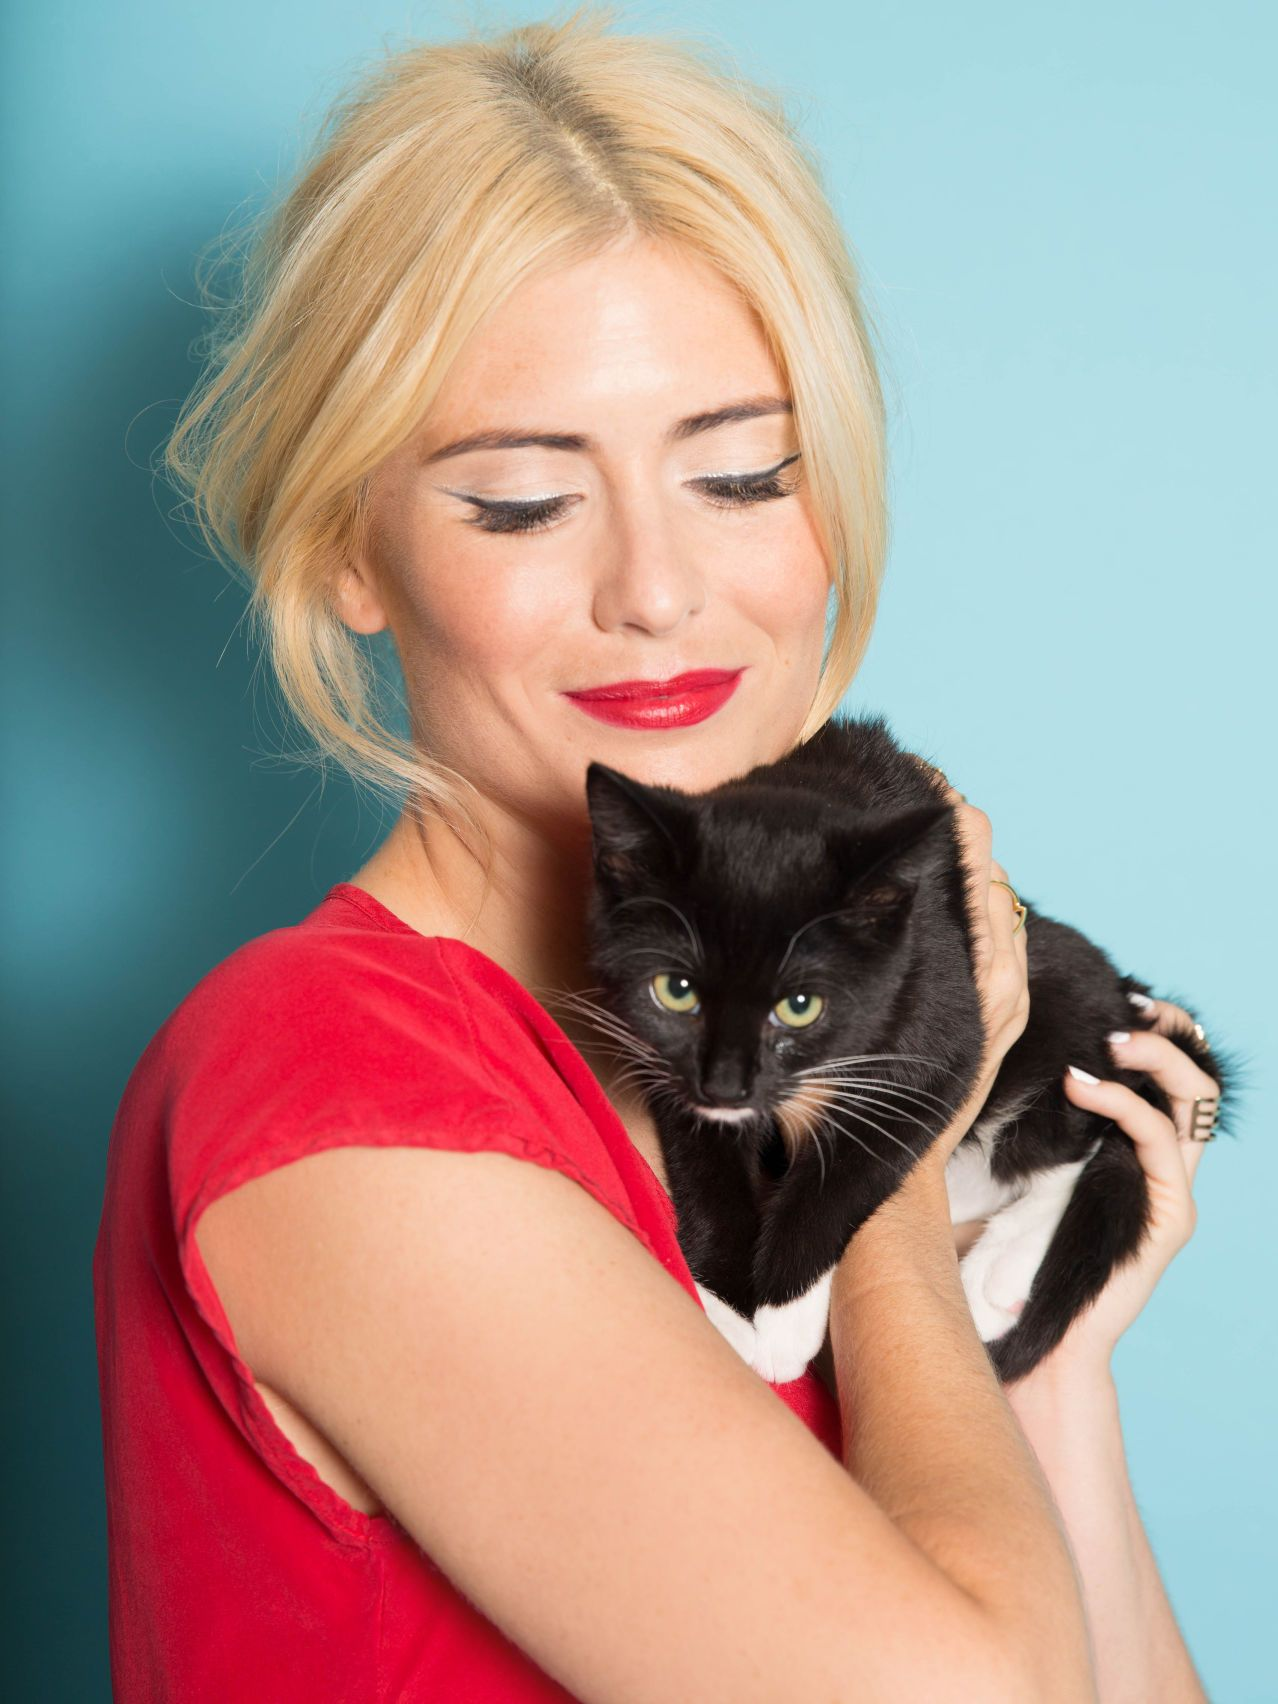 Mačkaste oči koje morate isprobati ove jeseni